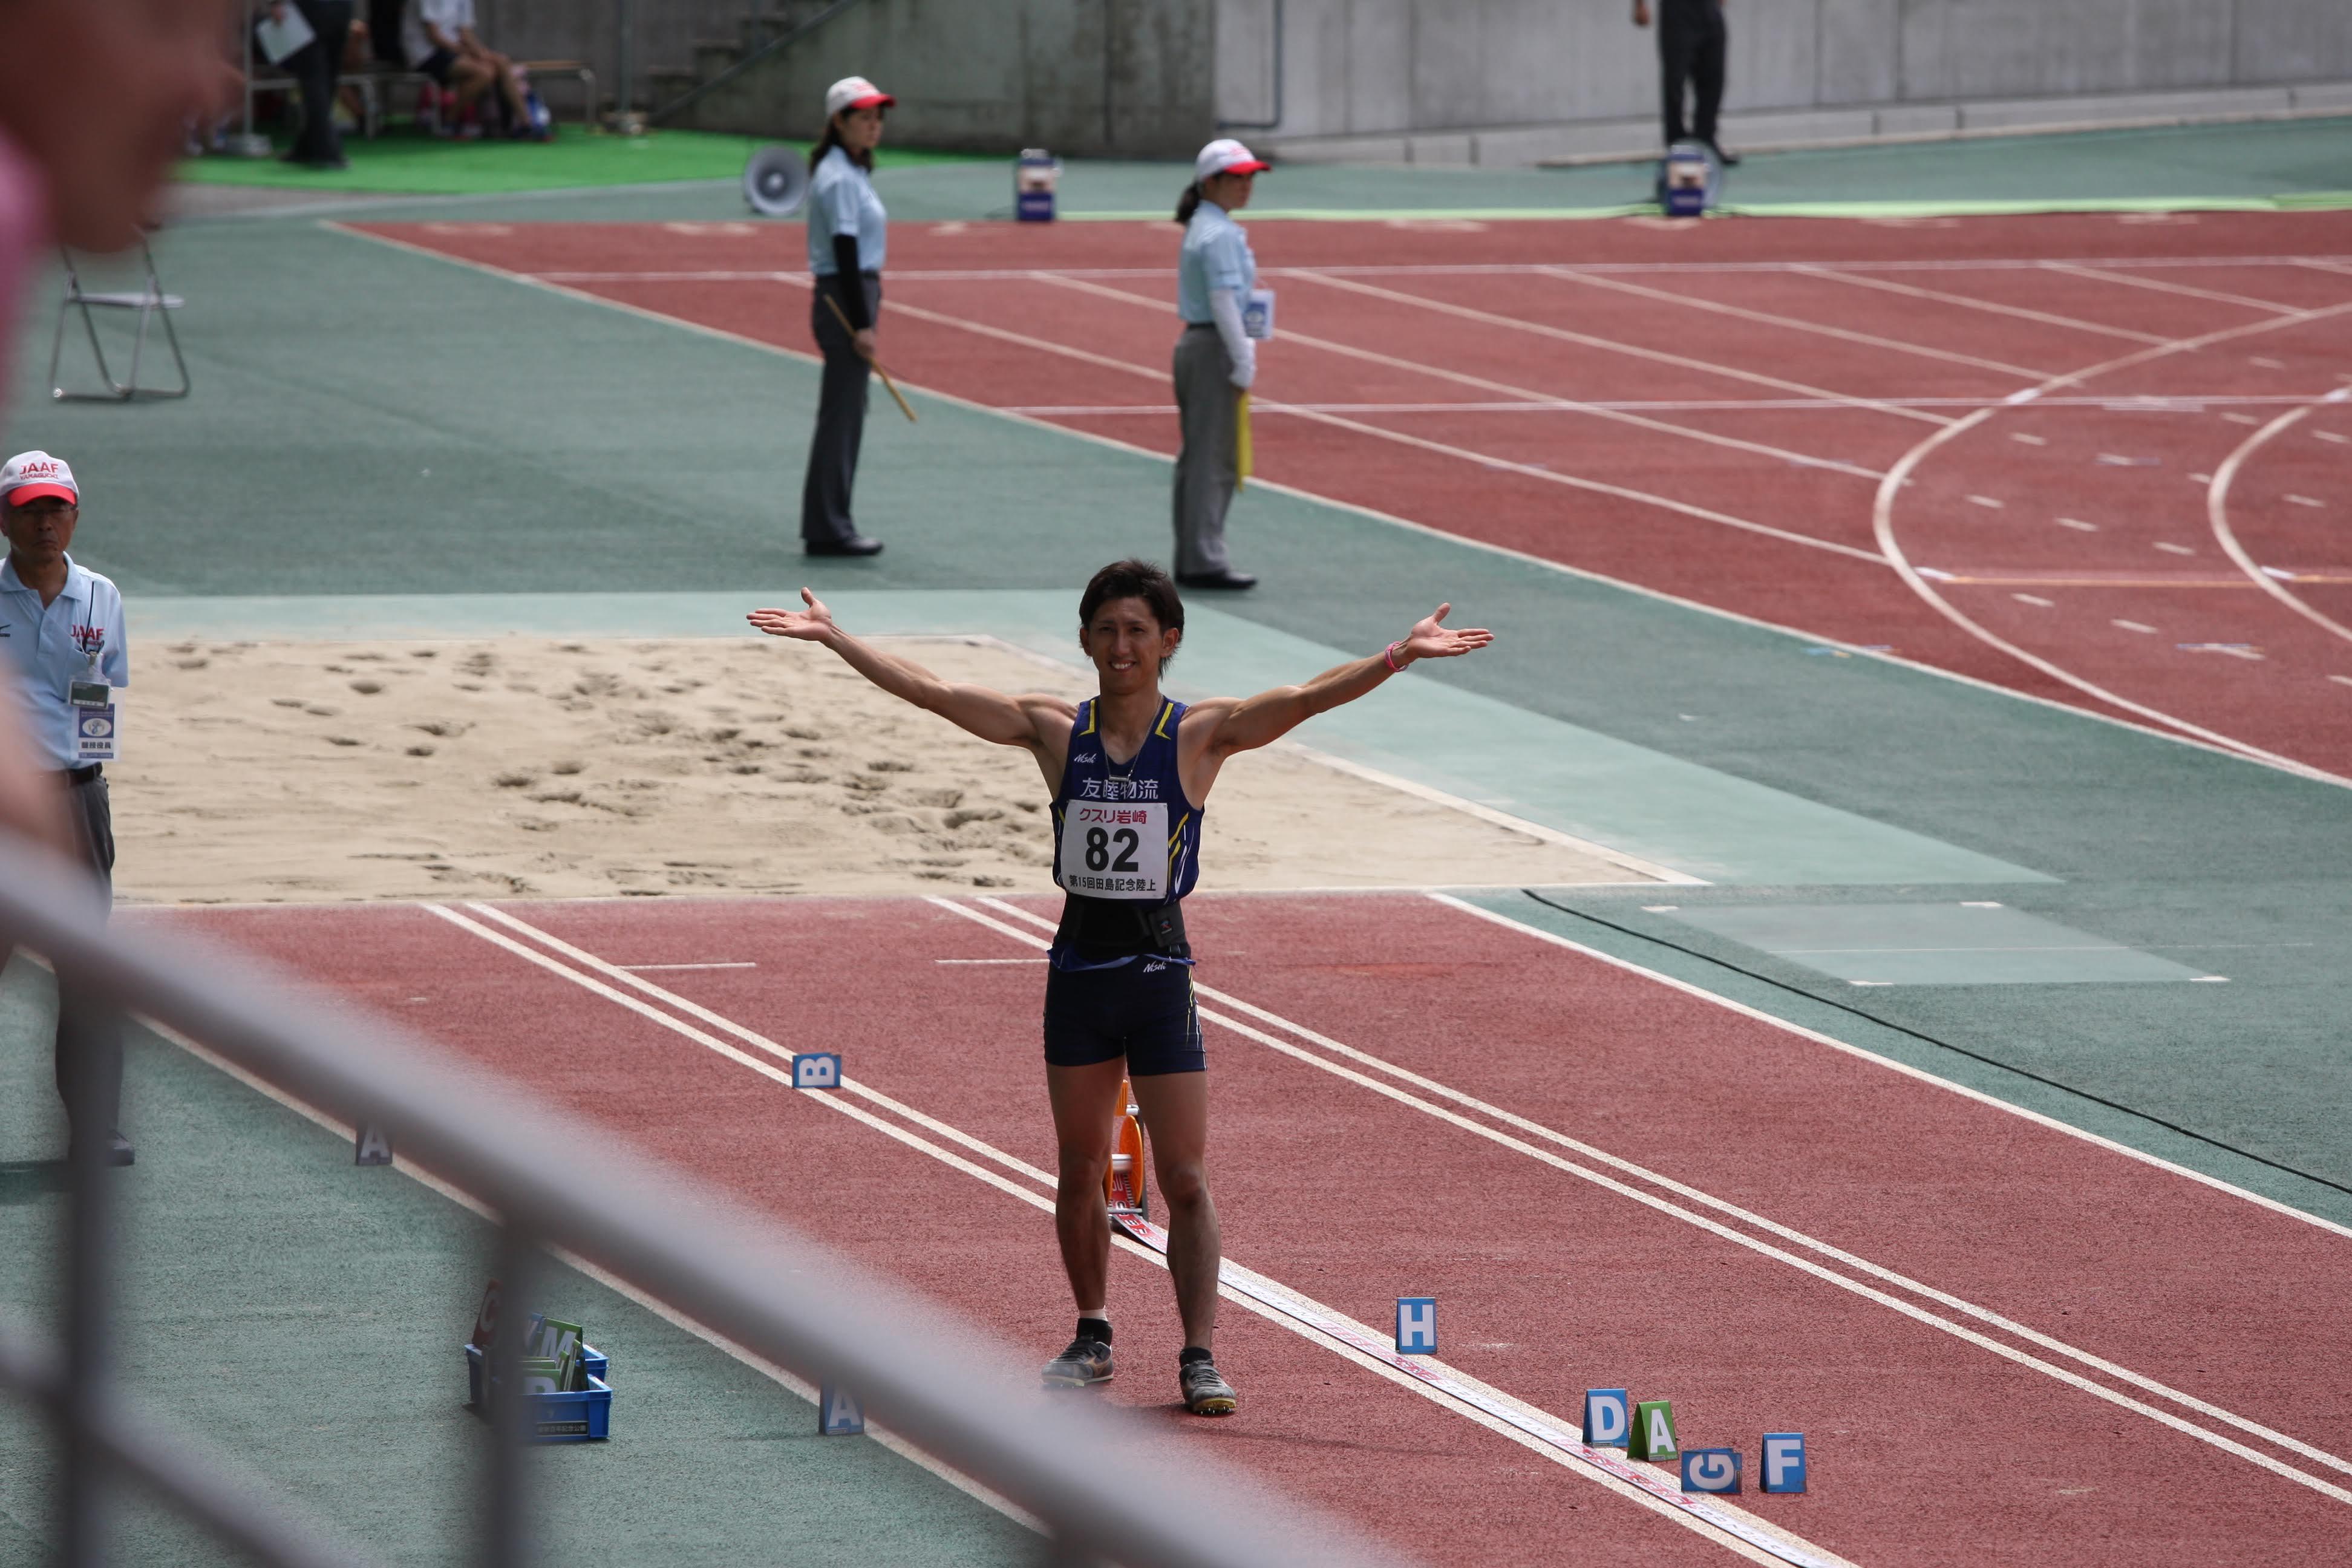 第15回田島直人記念陸上競技大会 結果報告